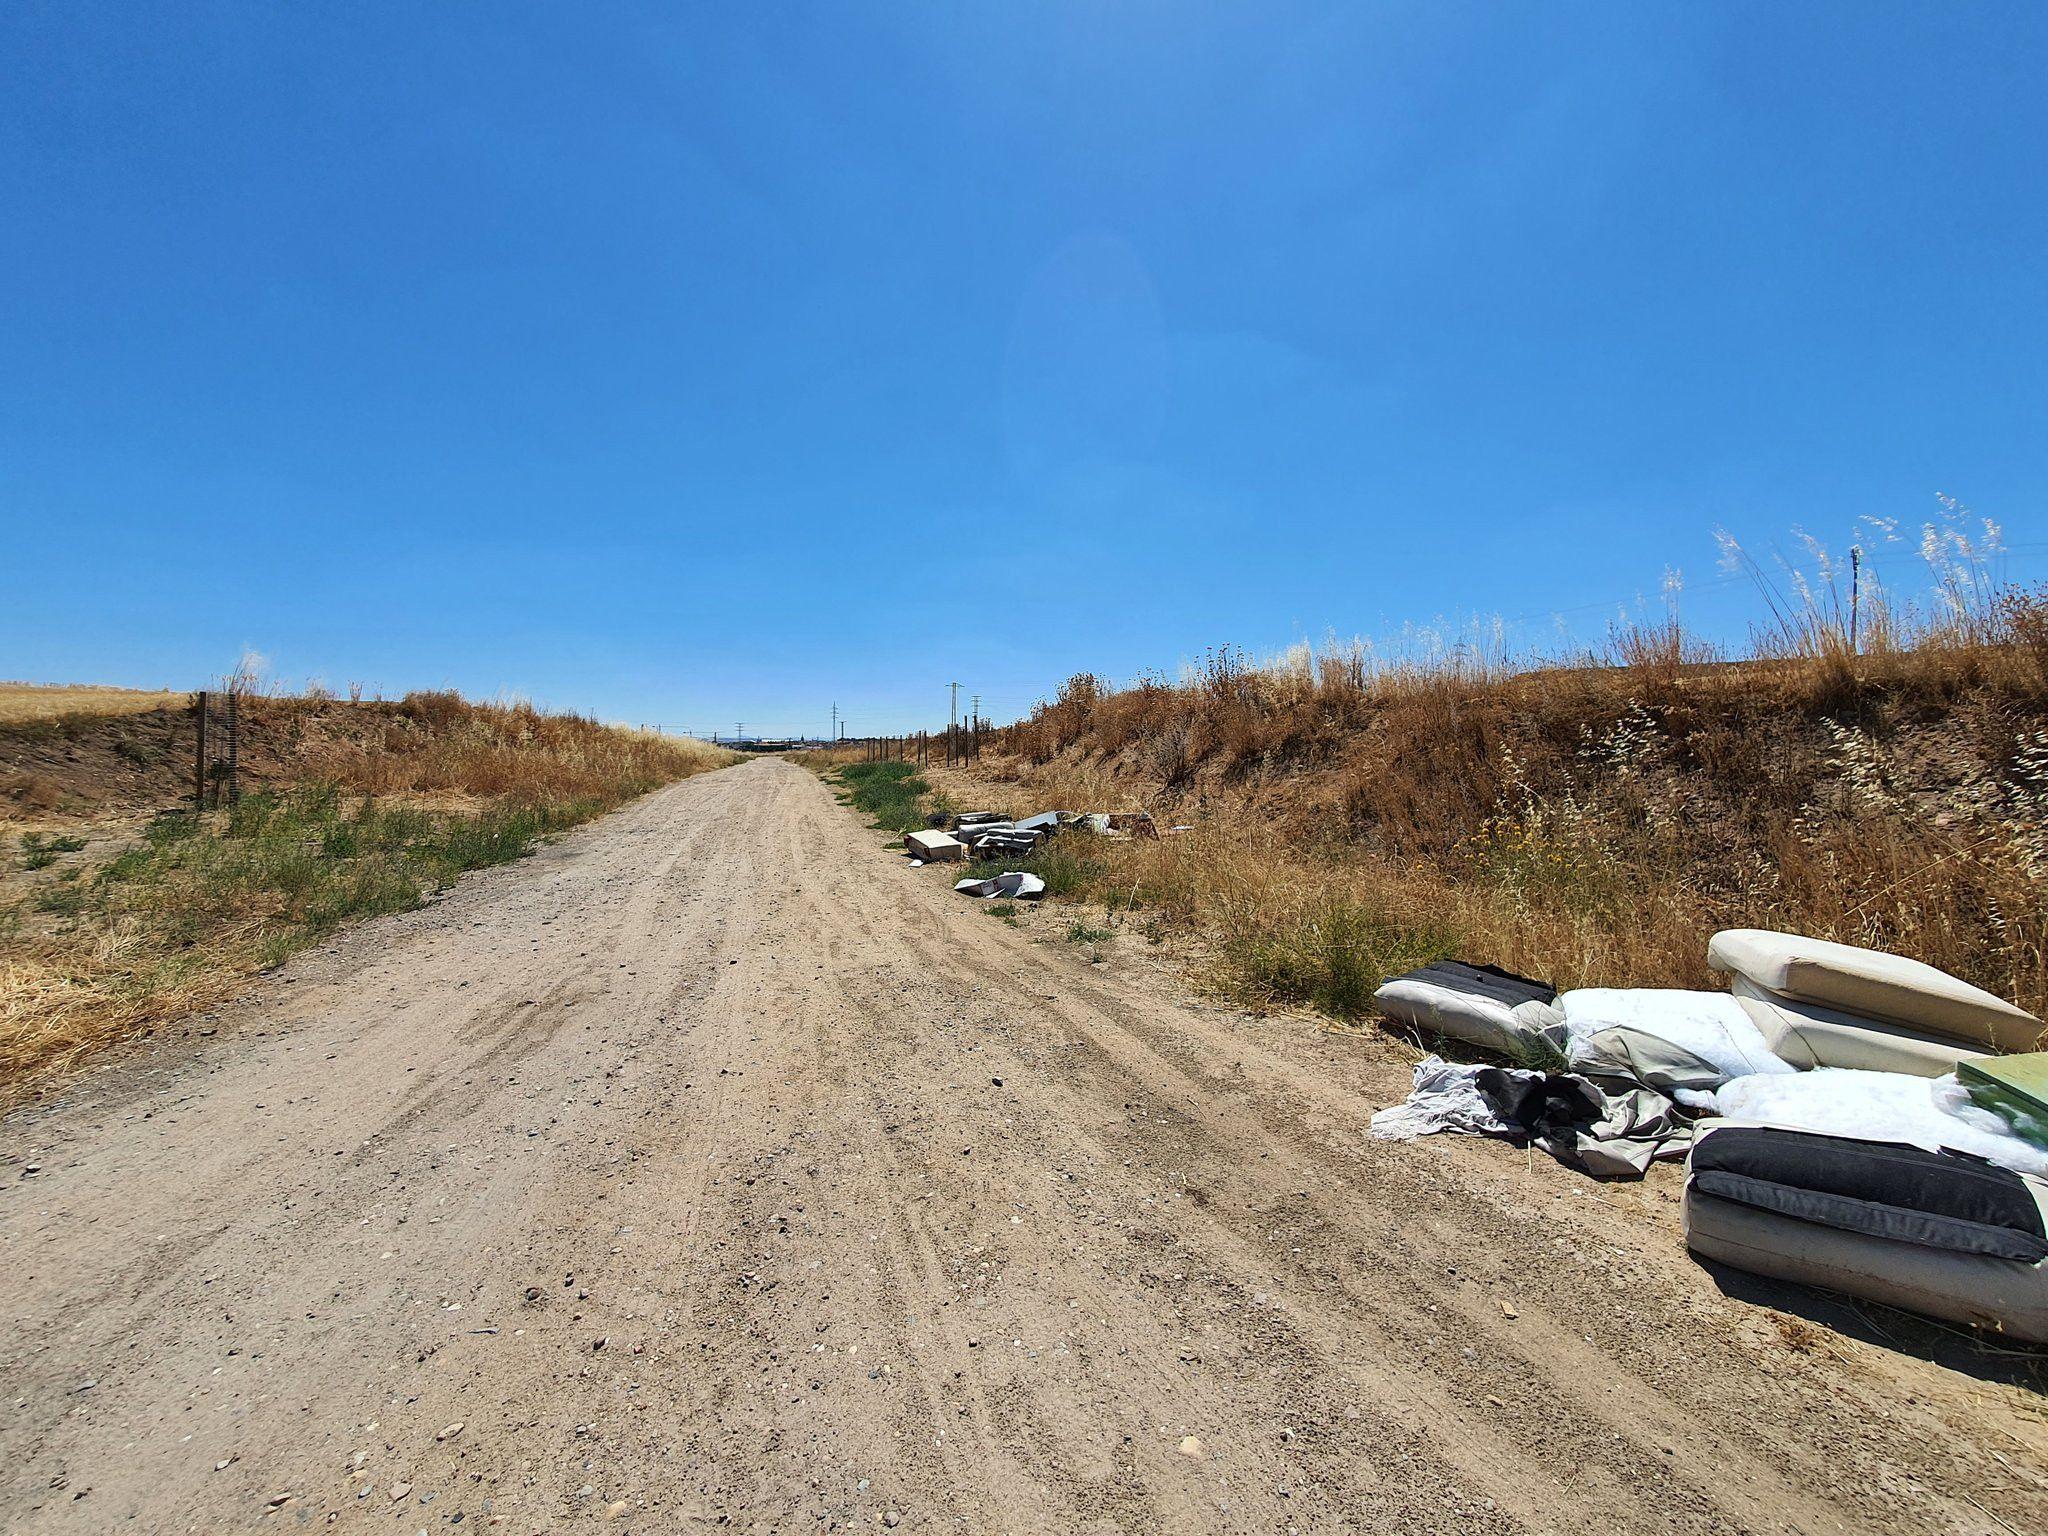 Calzada de Medina vertidos julio 2020 (3)